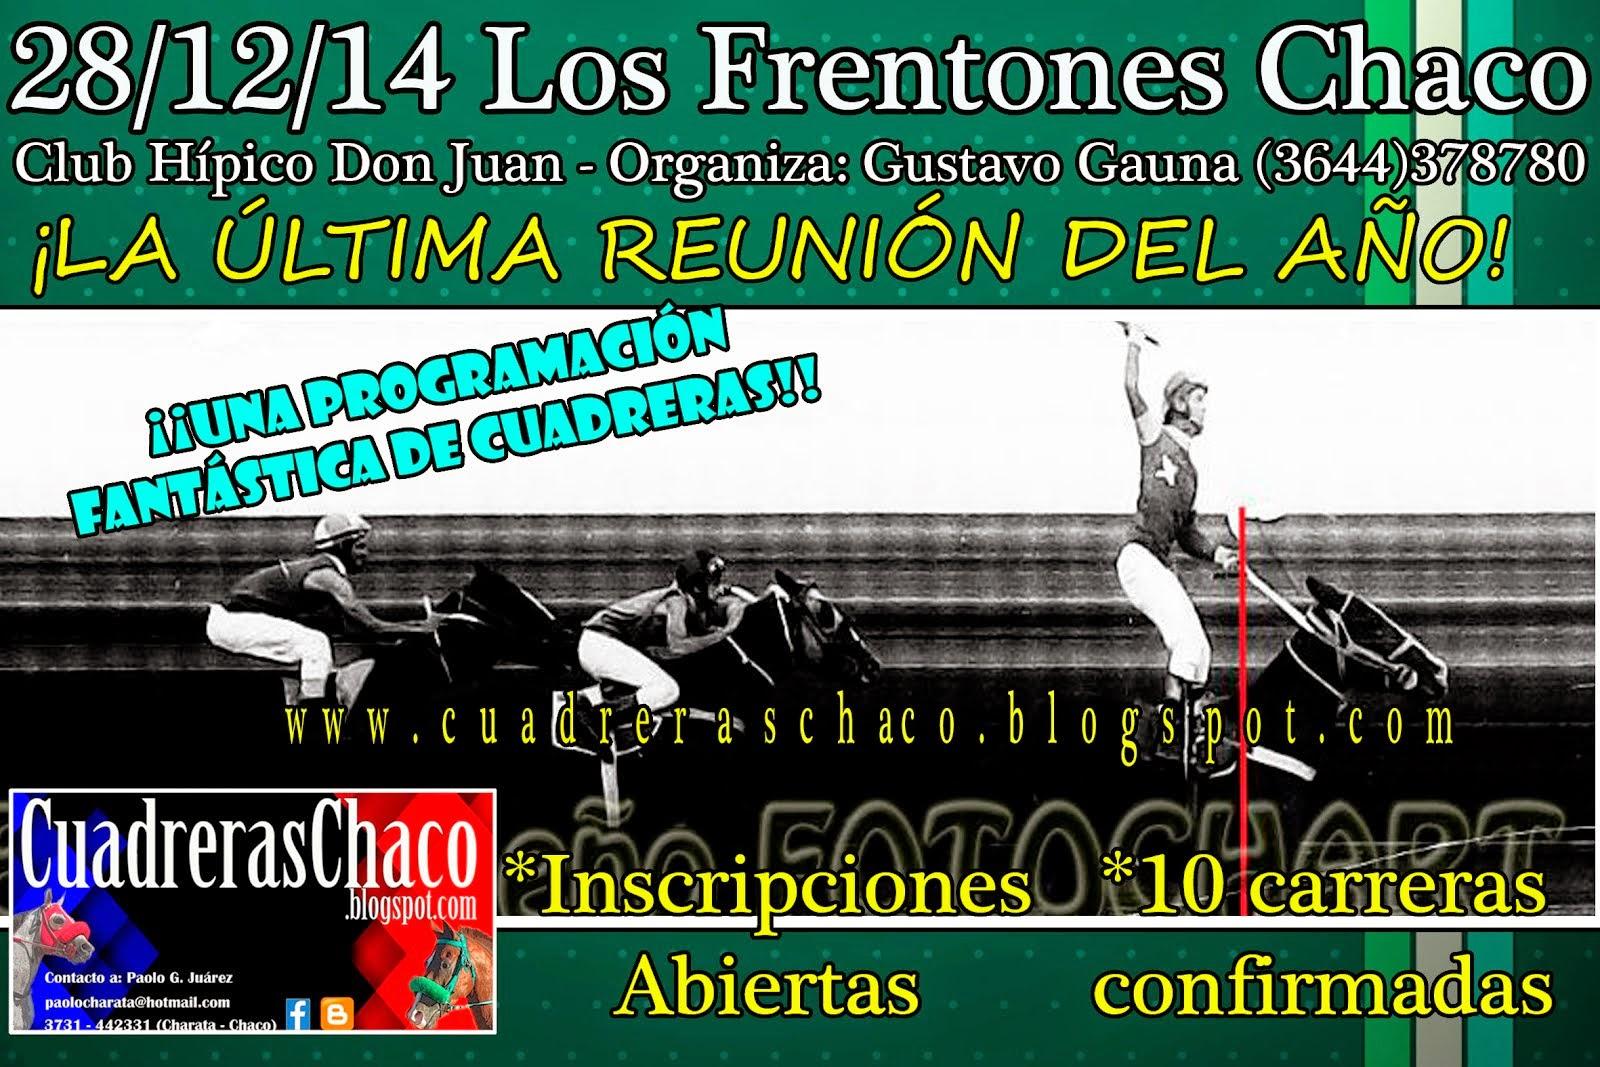 28-12-14 frentones